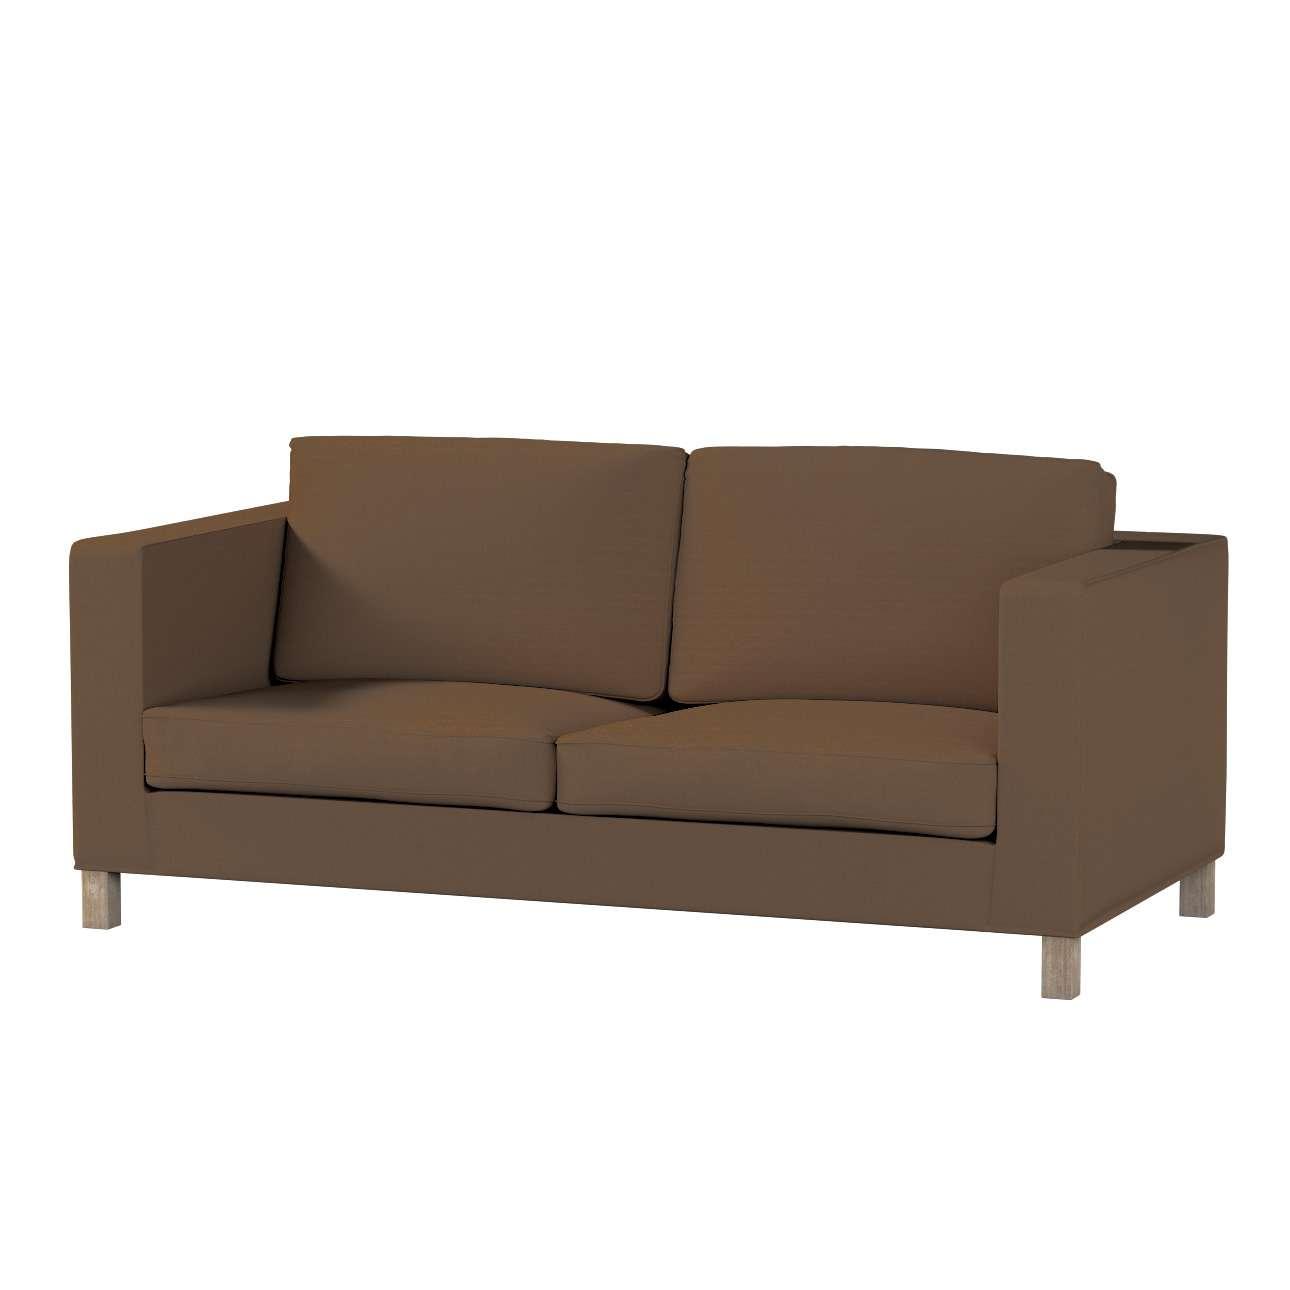 KARLANDA sofos lovos užvalkalas KARLANDA sofos lovos užvalkalas kolekcijoje Cotton Panama, audinys: 702-02